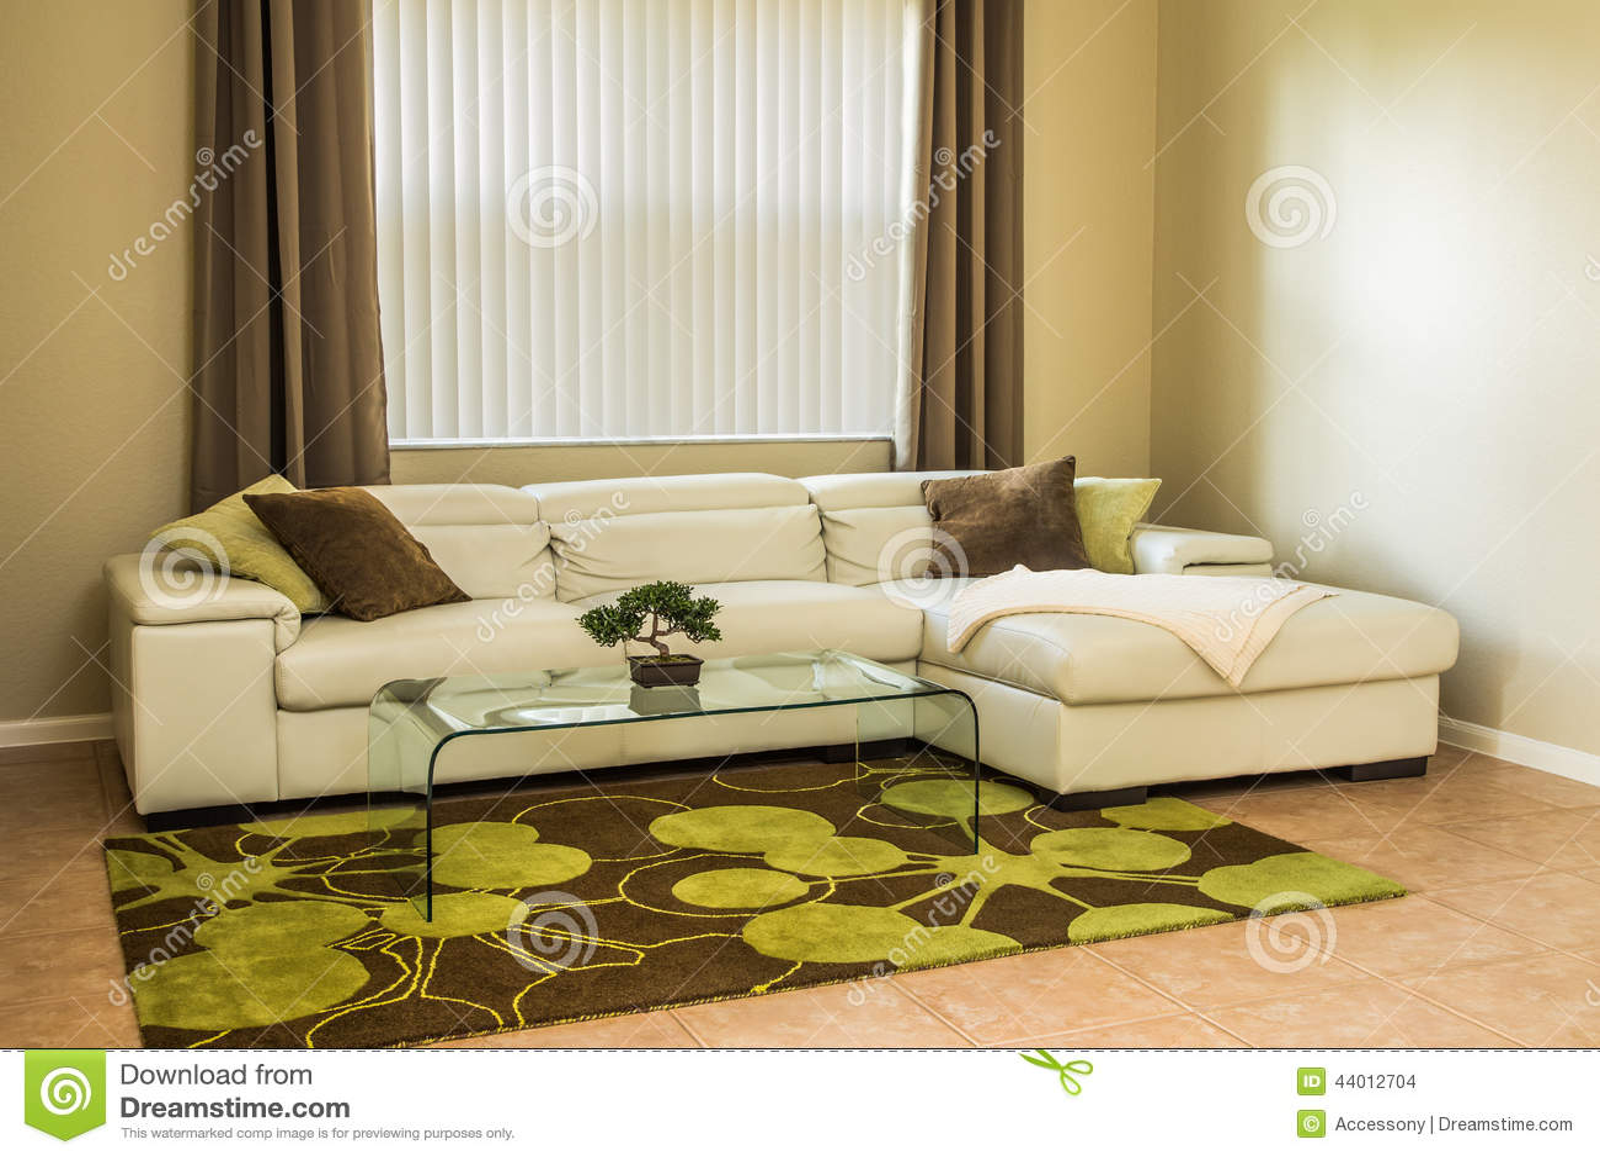 Comfortabele Woonkamer In Olijf Groene Kleuren Stock Foto